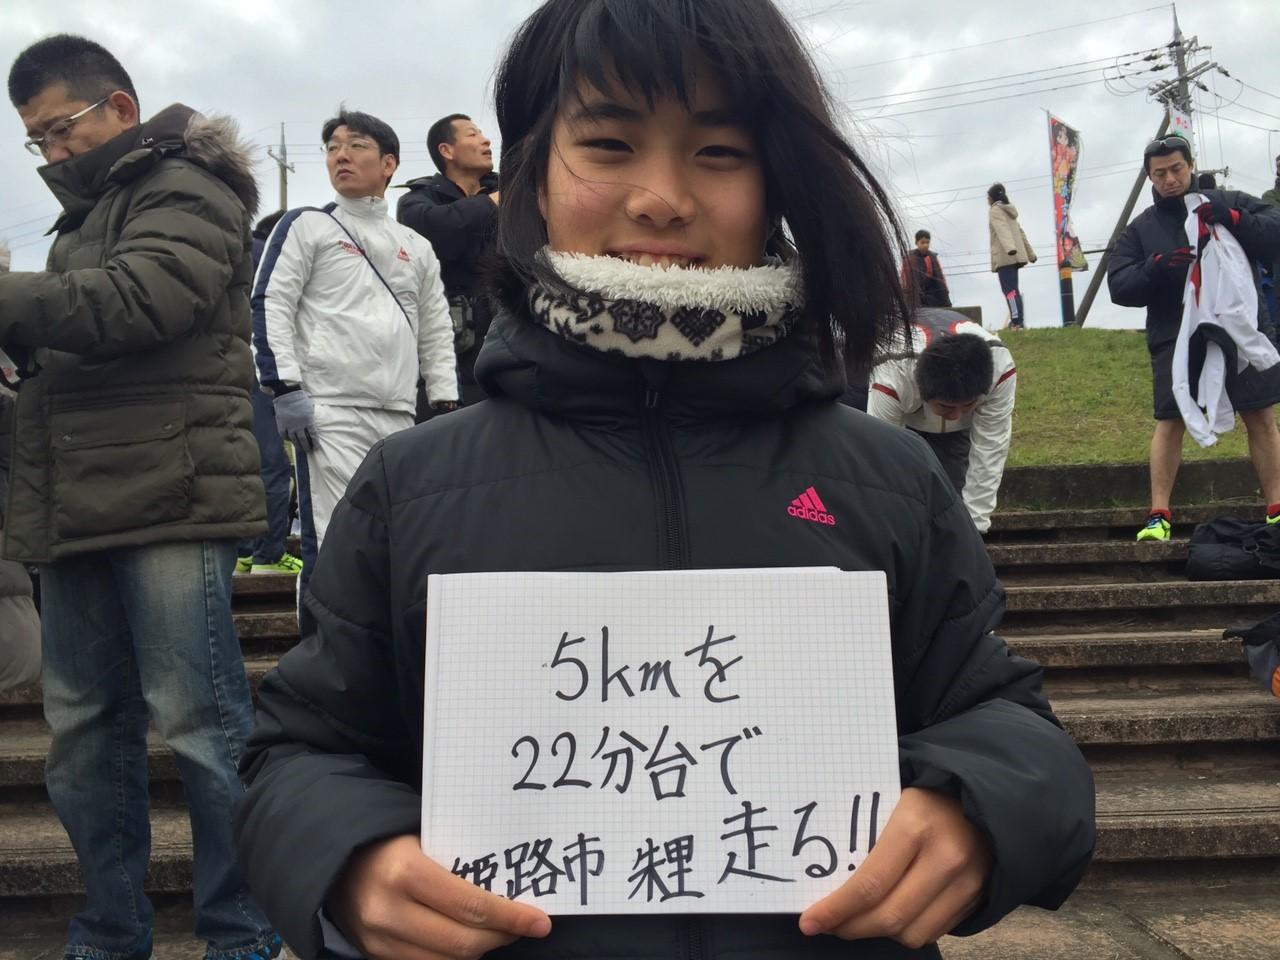 加古川マラソン目標_4956